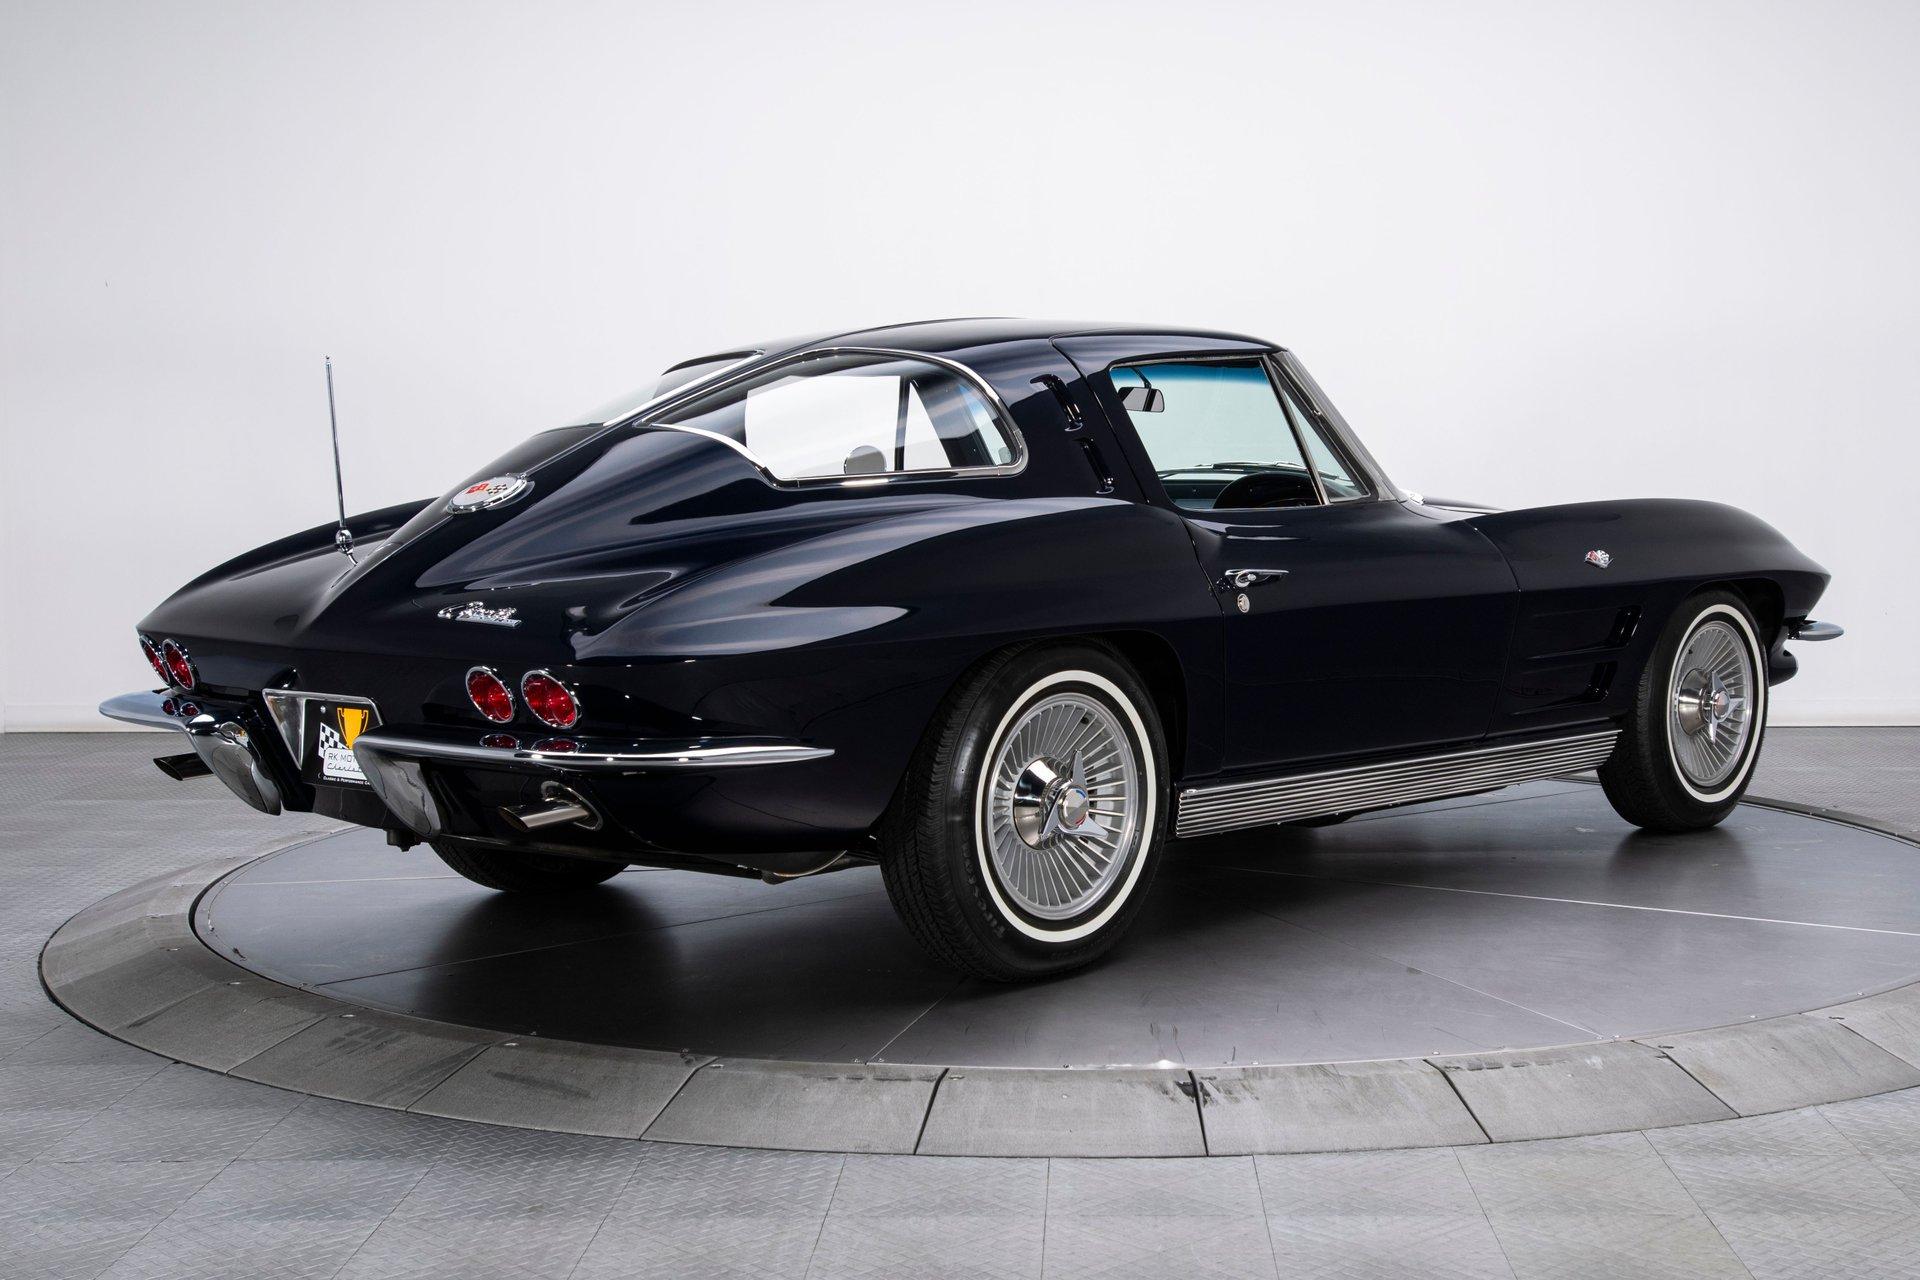 Kelebihan Kekurangan Corvette 1963 Perbandingan Harga